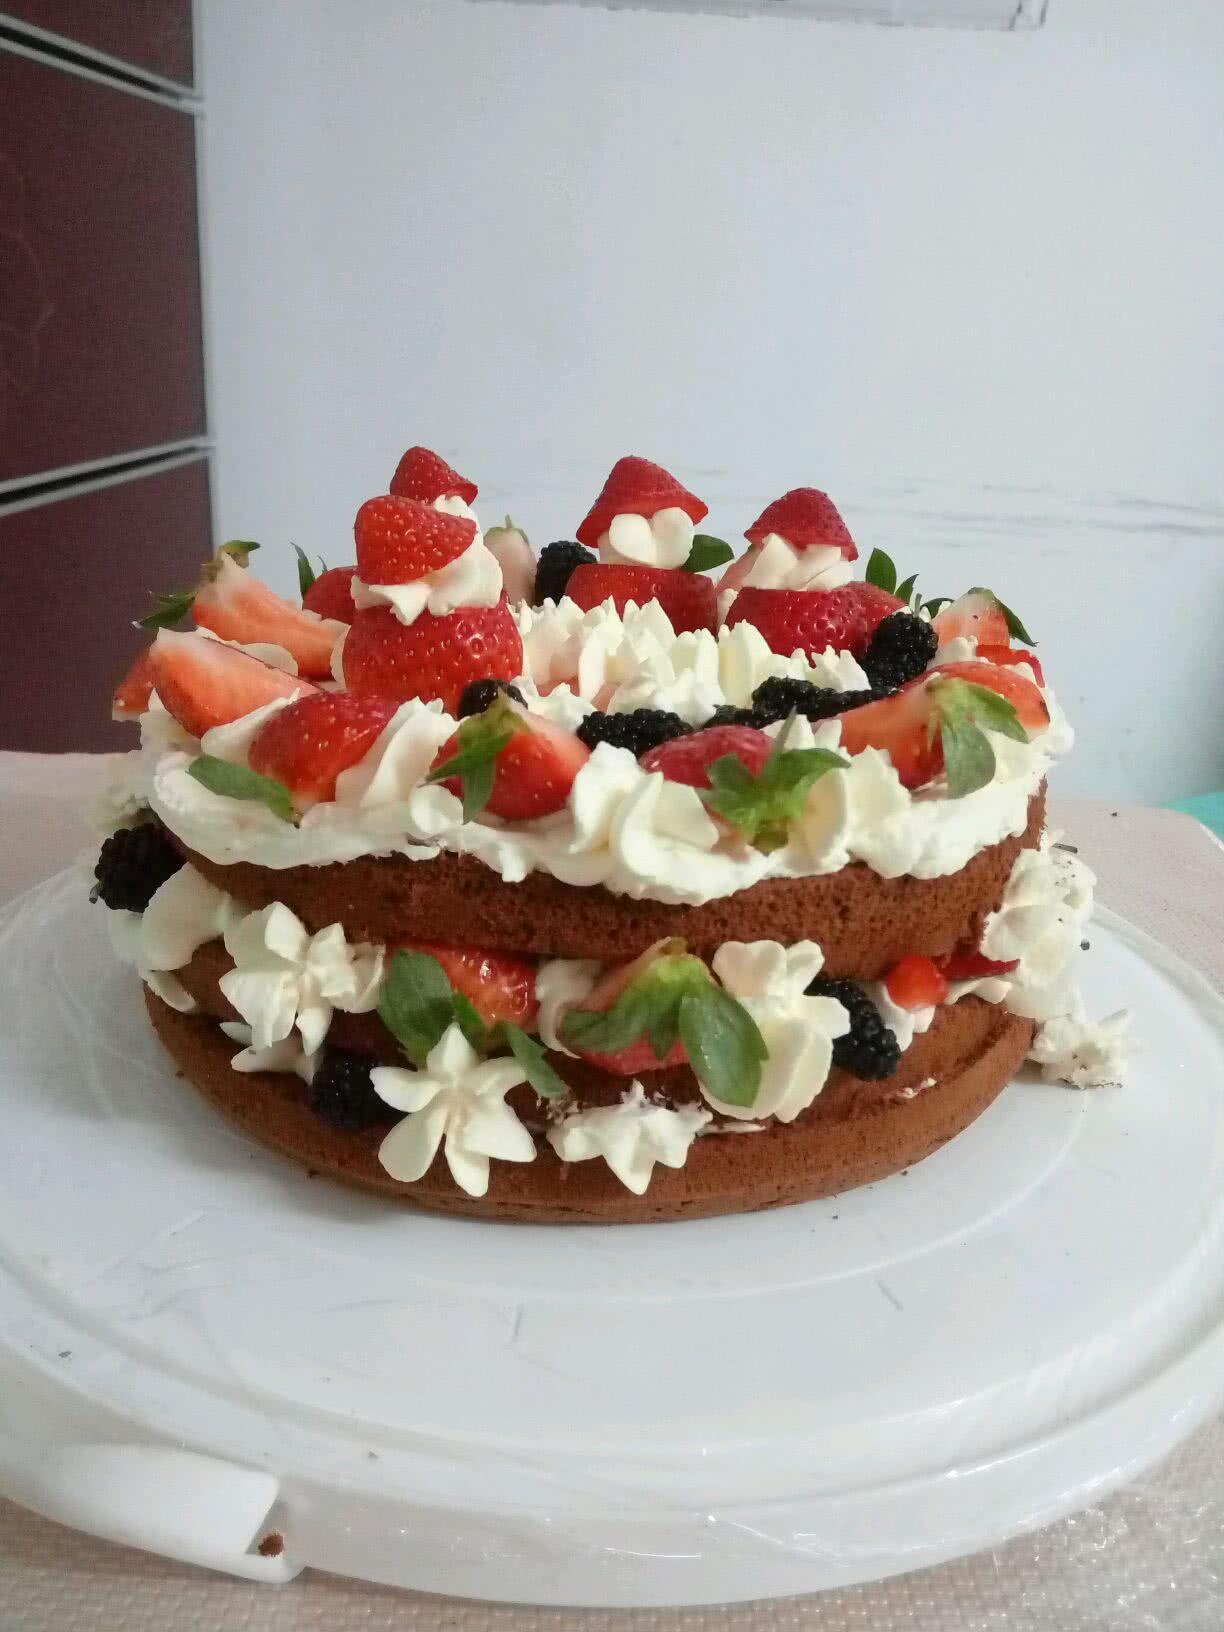 特别是简单又漂亮的裸蛋糕!